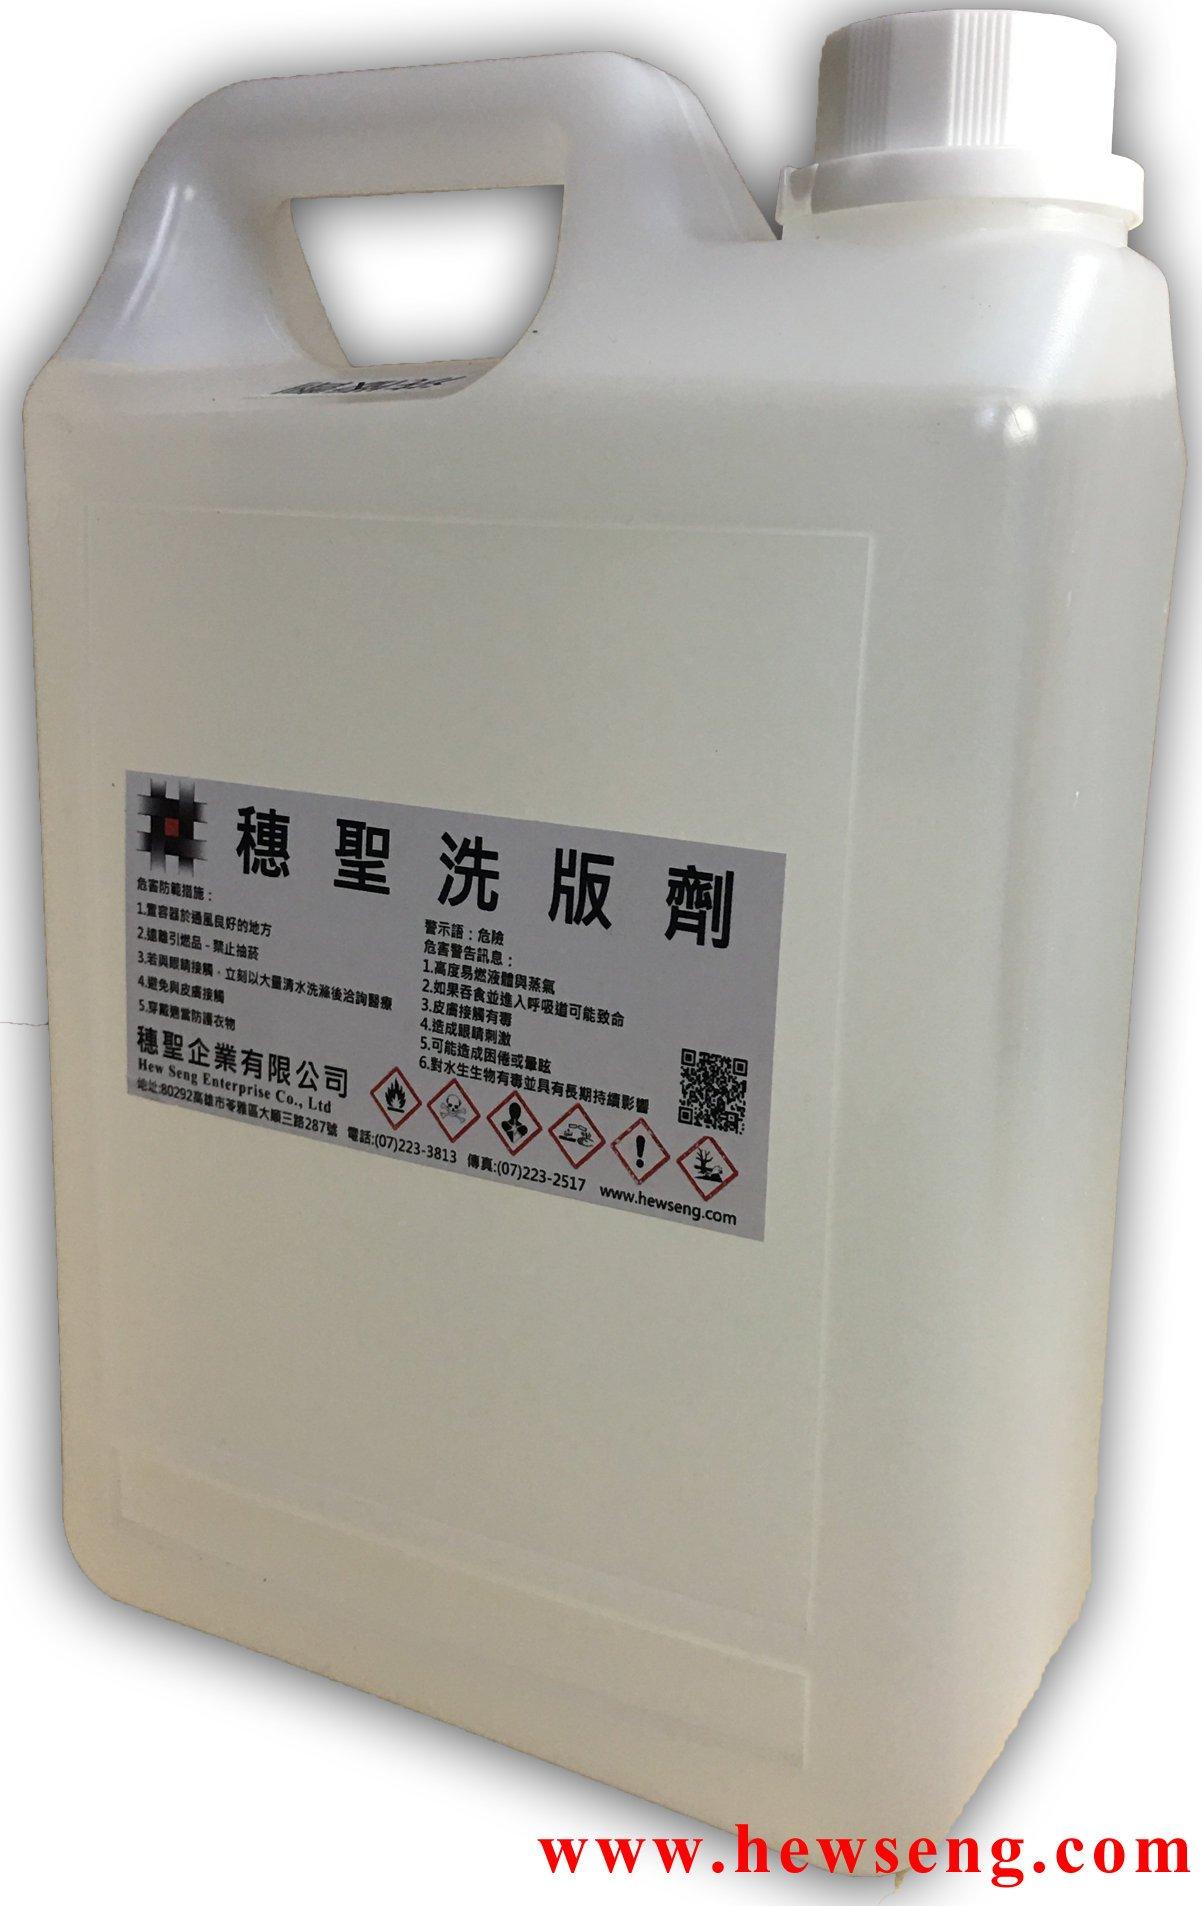 DIY印刷 網版印刷 絲印 網版洗版劑 台灣製造 品質可靠